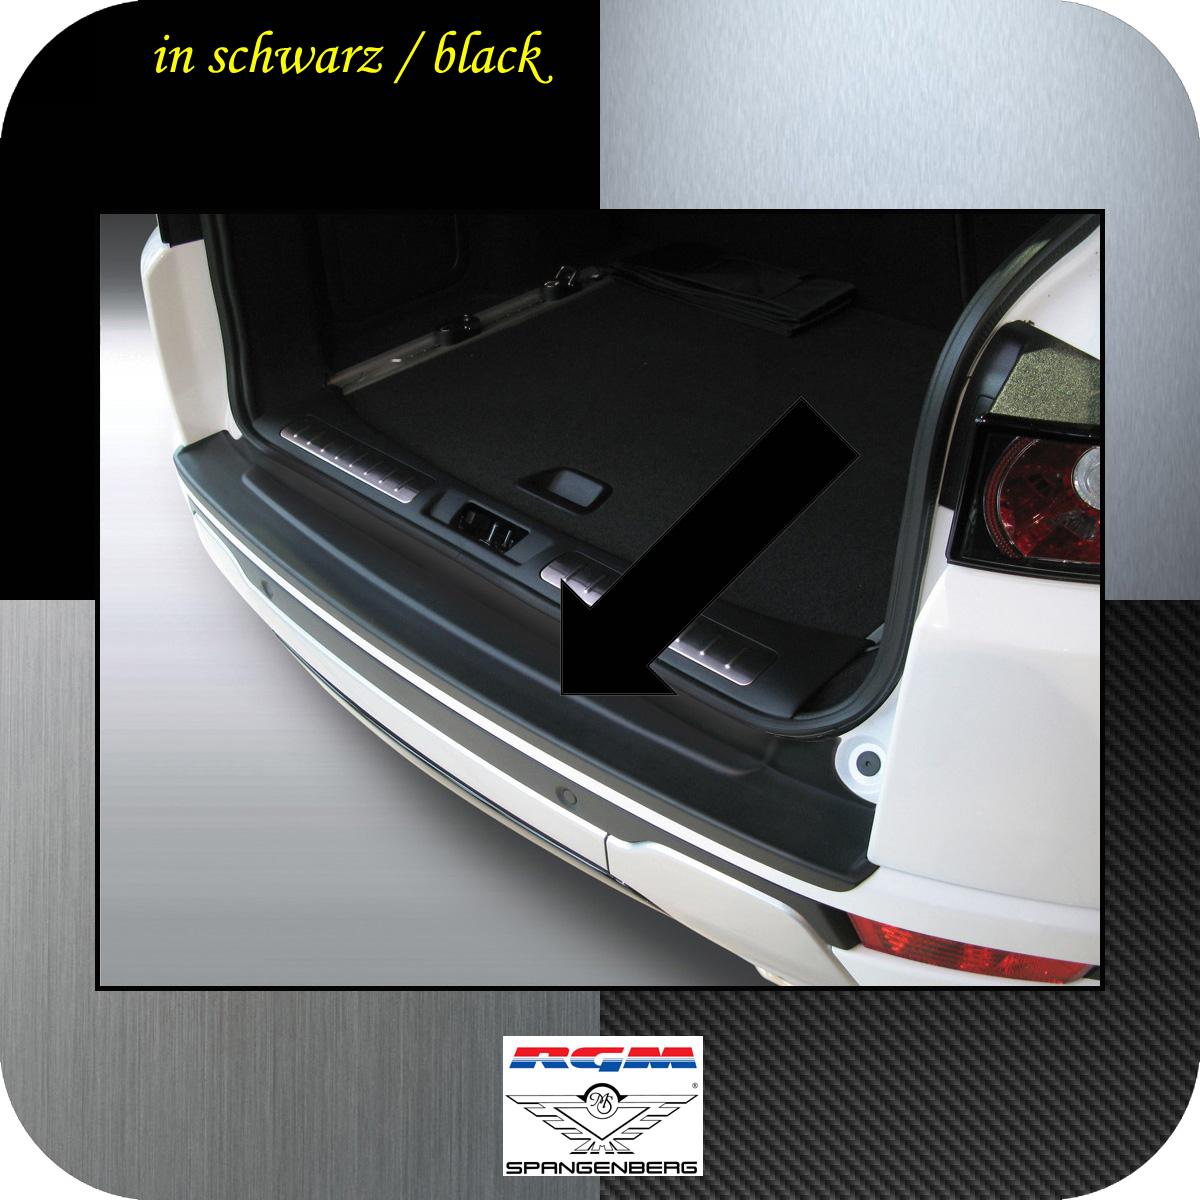 Ladekantenschutz schwarz Land Rover Range Rover Evoque 3-Türer 2011- 3500583